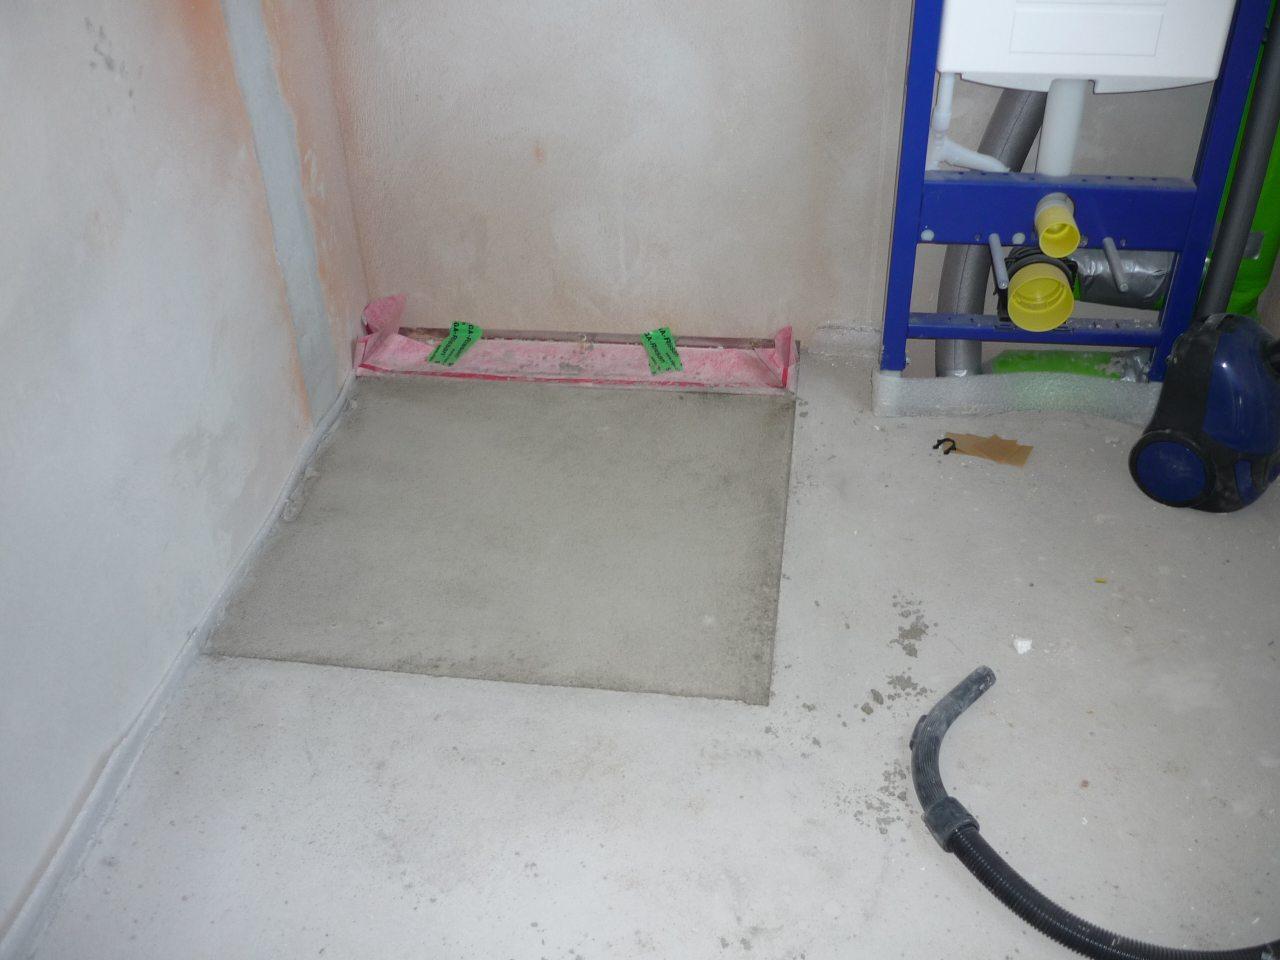 Bodengleiche Dusche Fussbodenheizung Selfio Fussbodenheizung